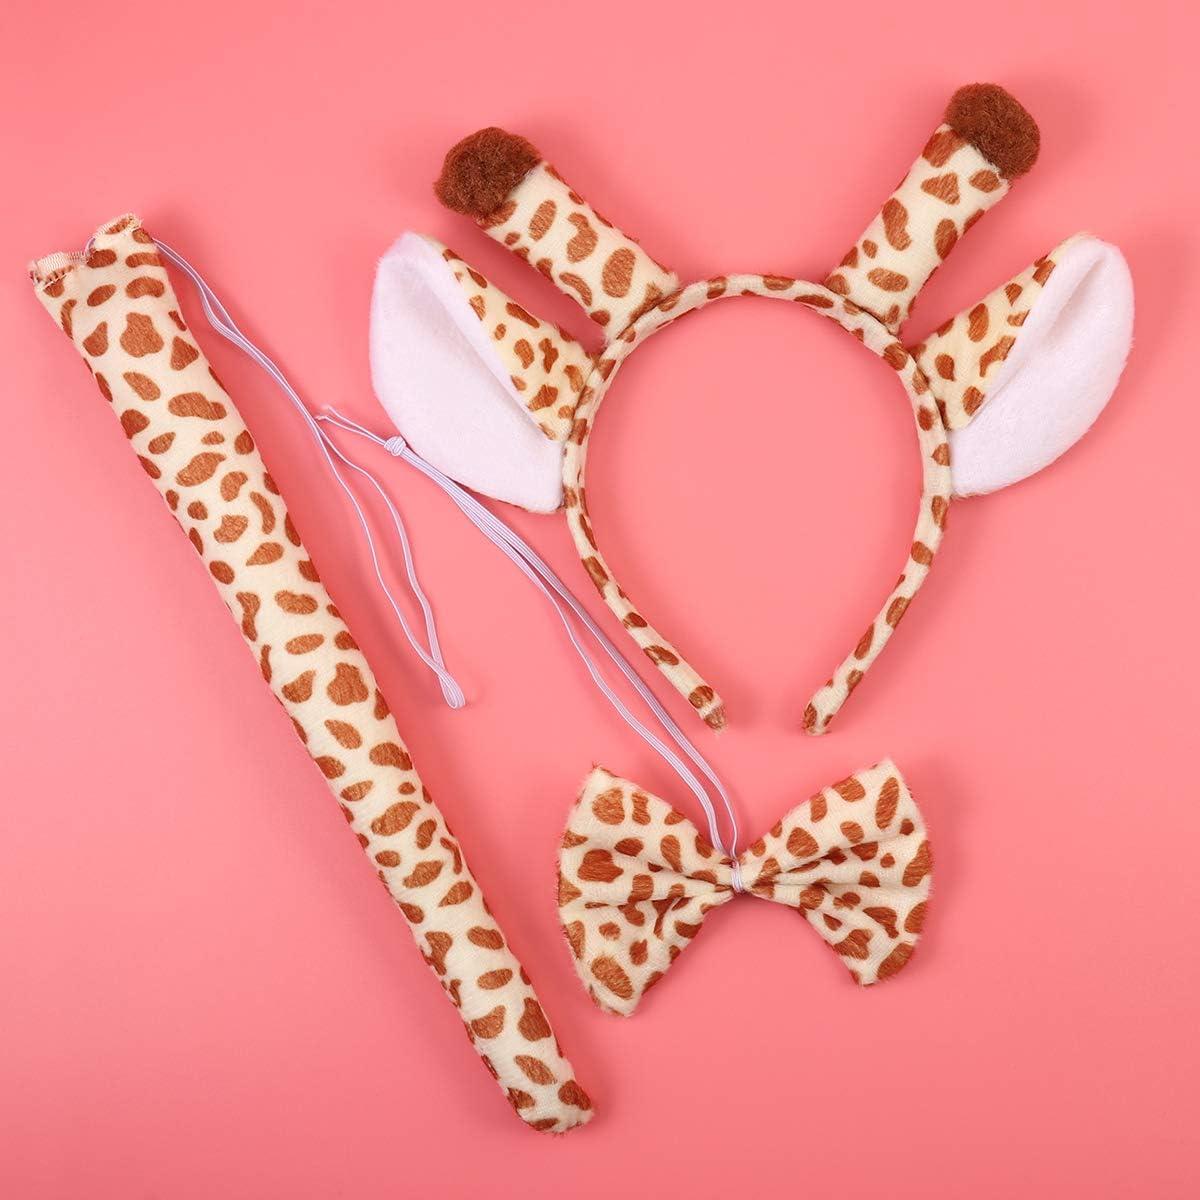 BESTOYARD 3 St/ücke Kind Erwachsene Cartoon Giraffe Ohren Stirnband Schwanz Set f/ür Kost/üm Party Cosplay Zubeh/ör